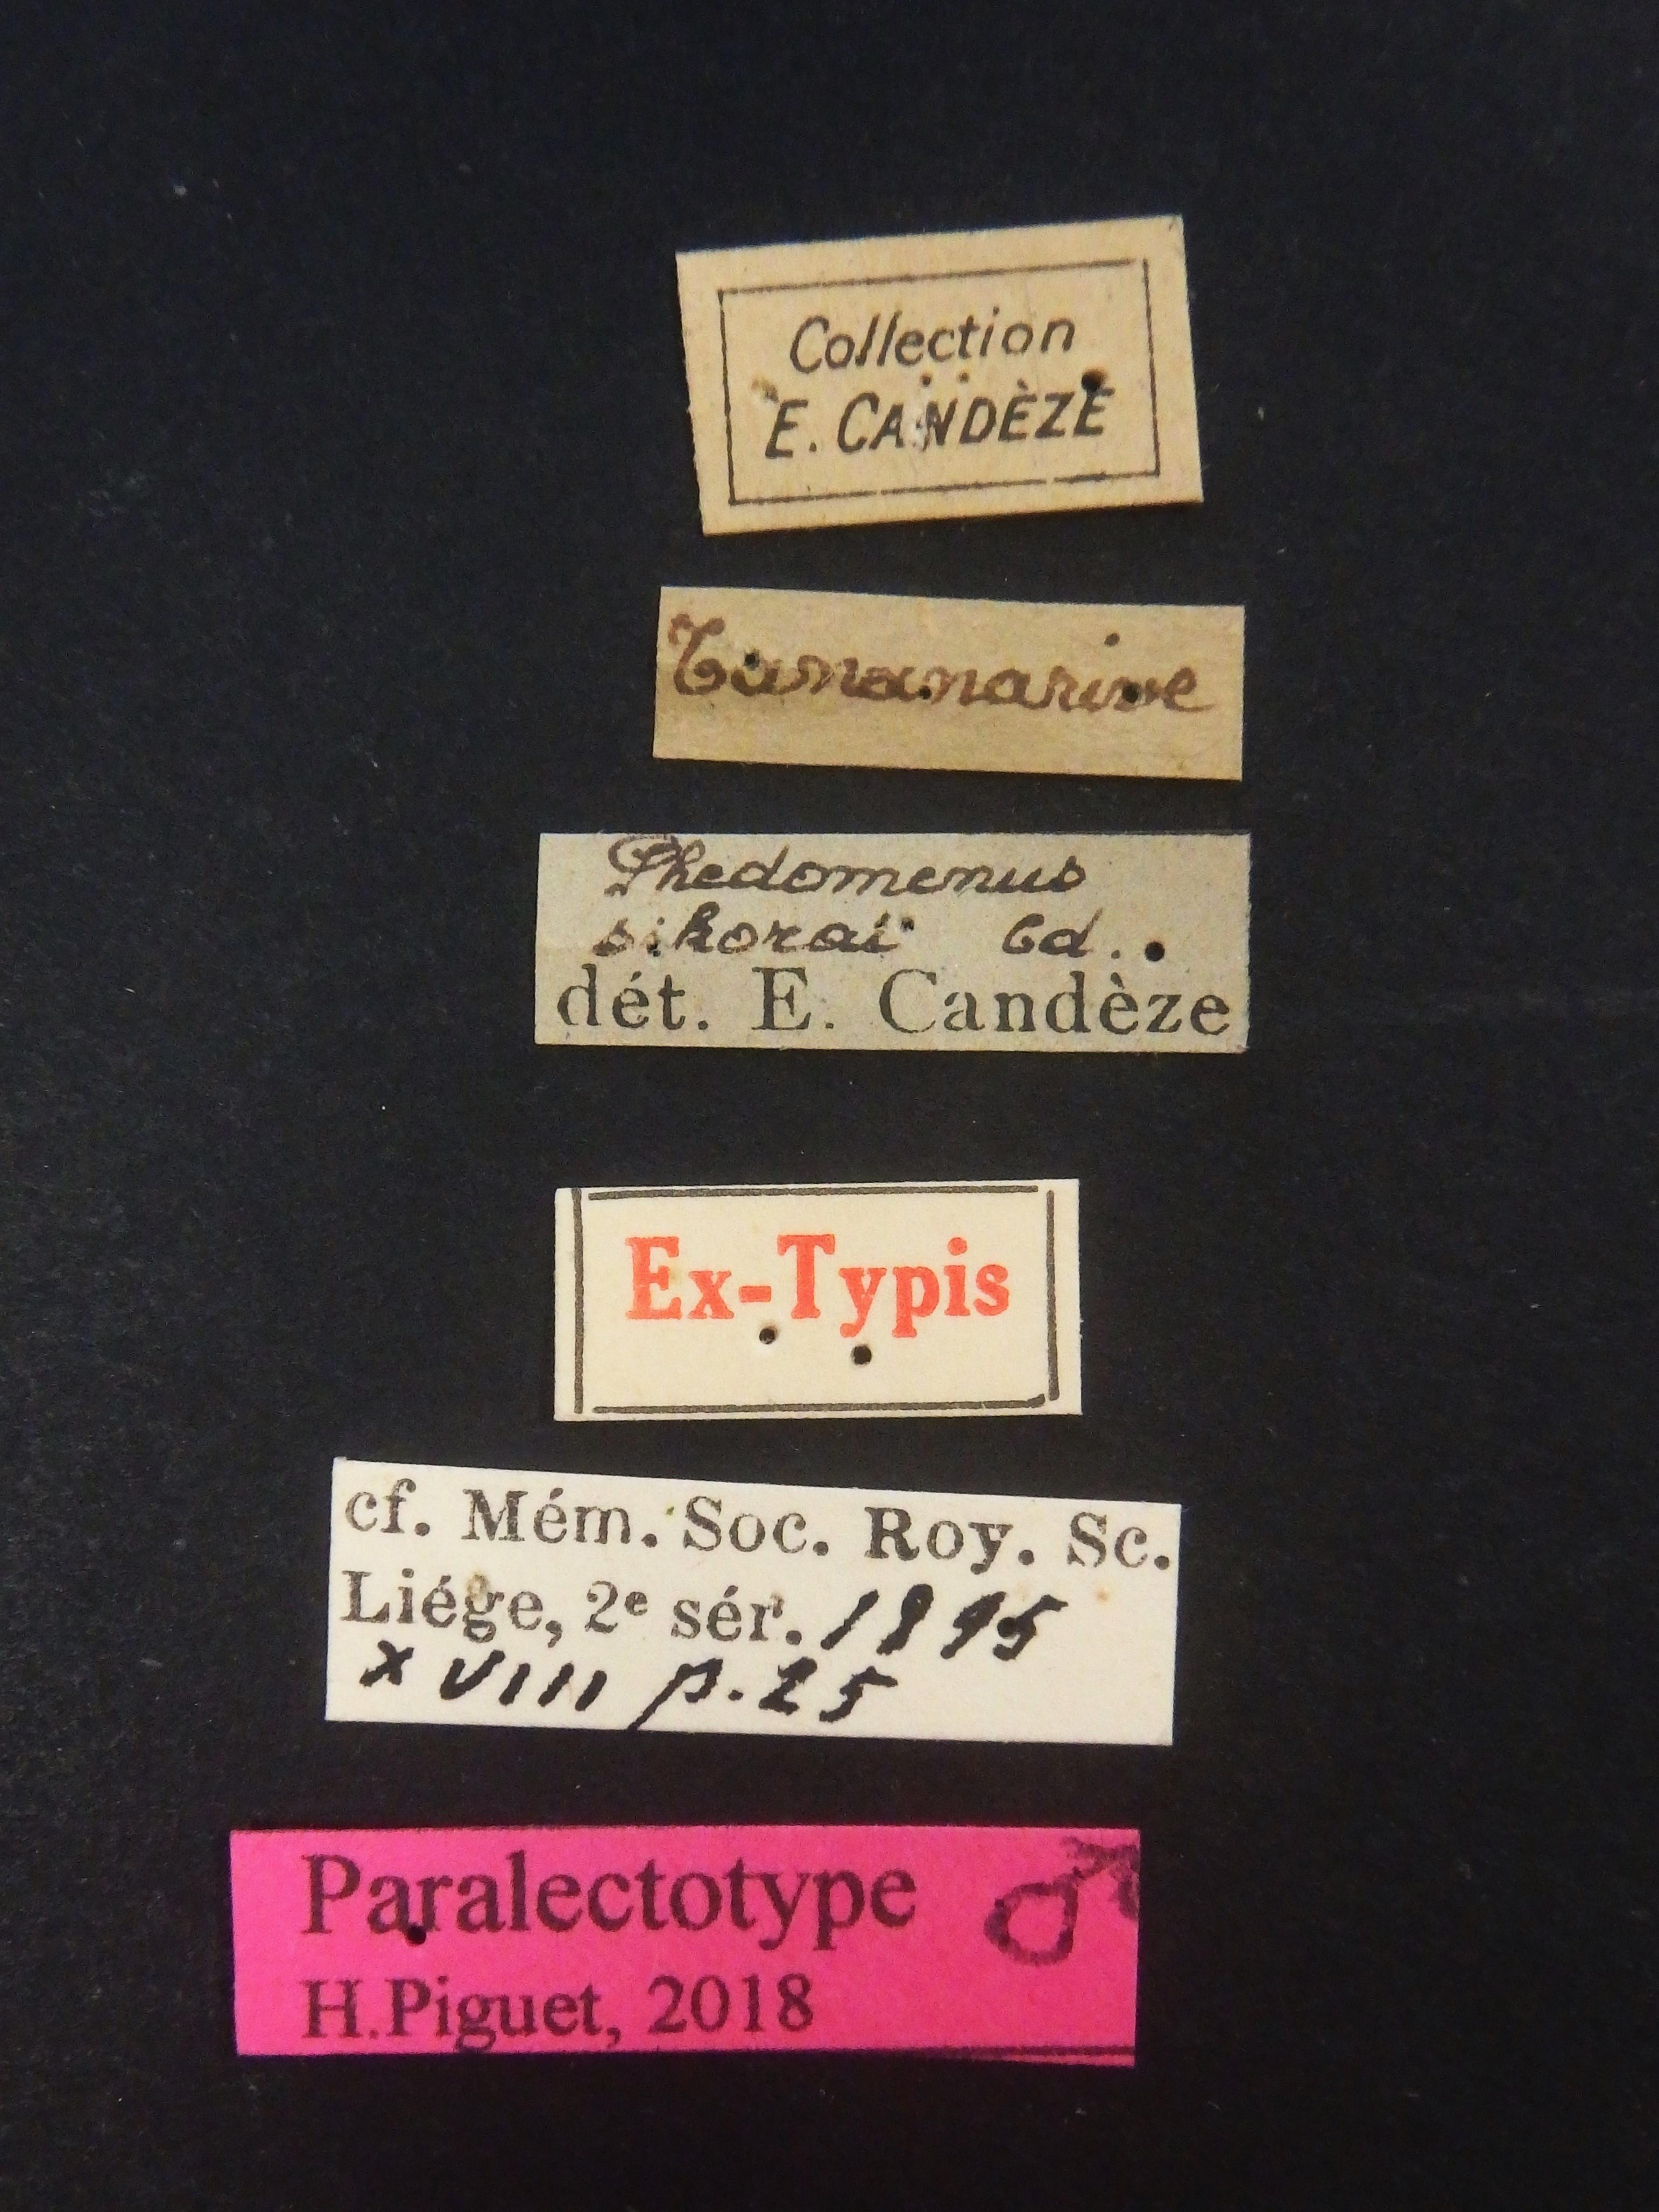 Phedomenus sikorae plt Labels.JPG